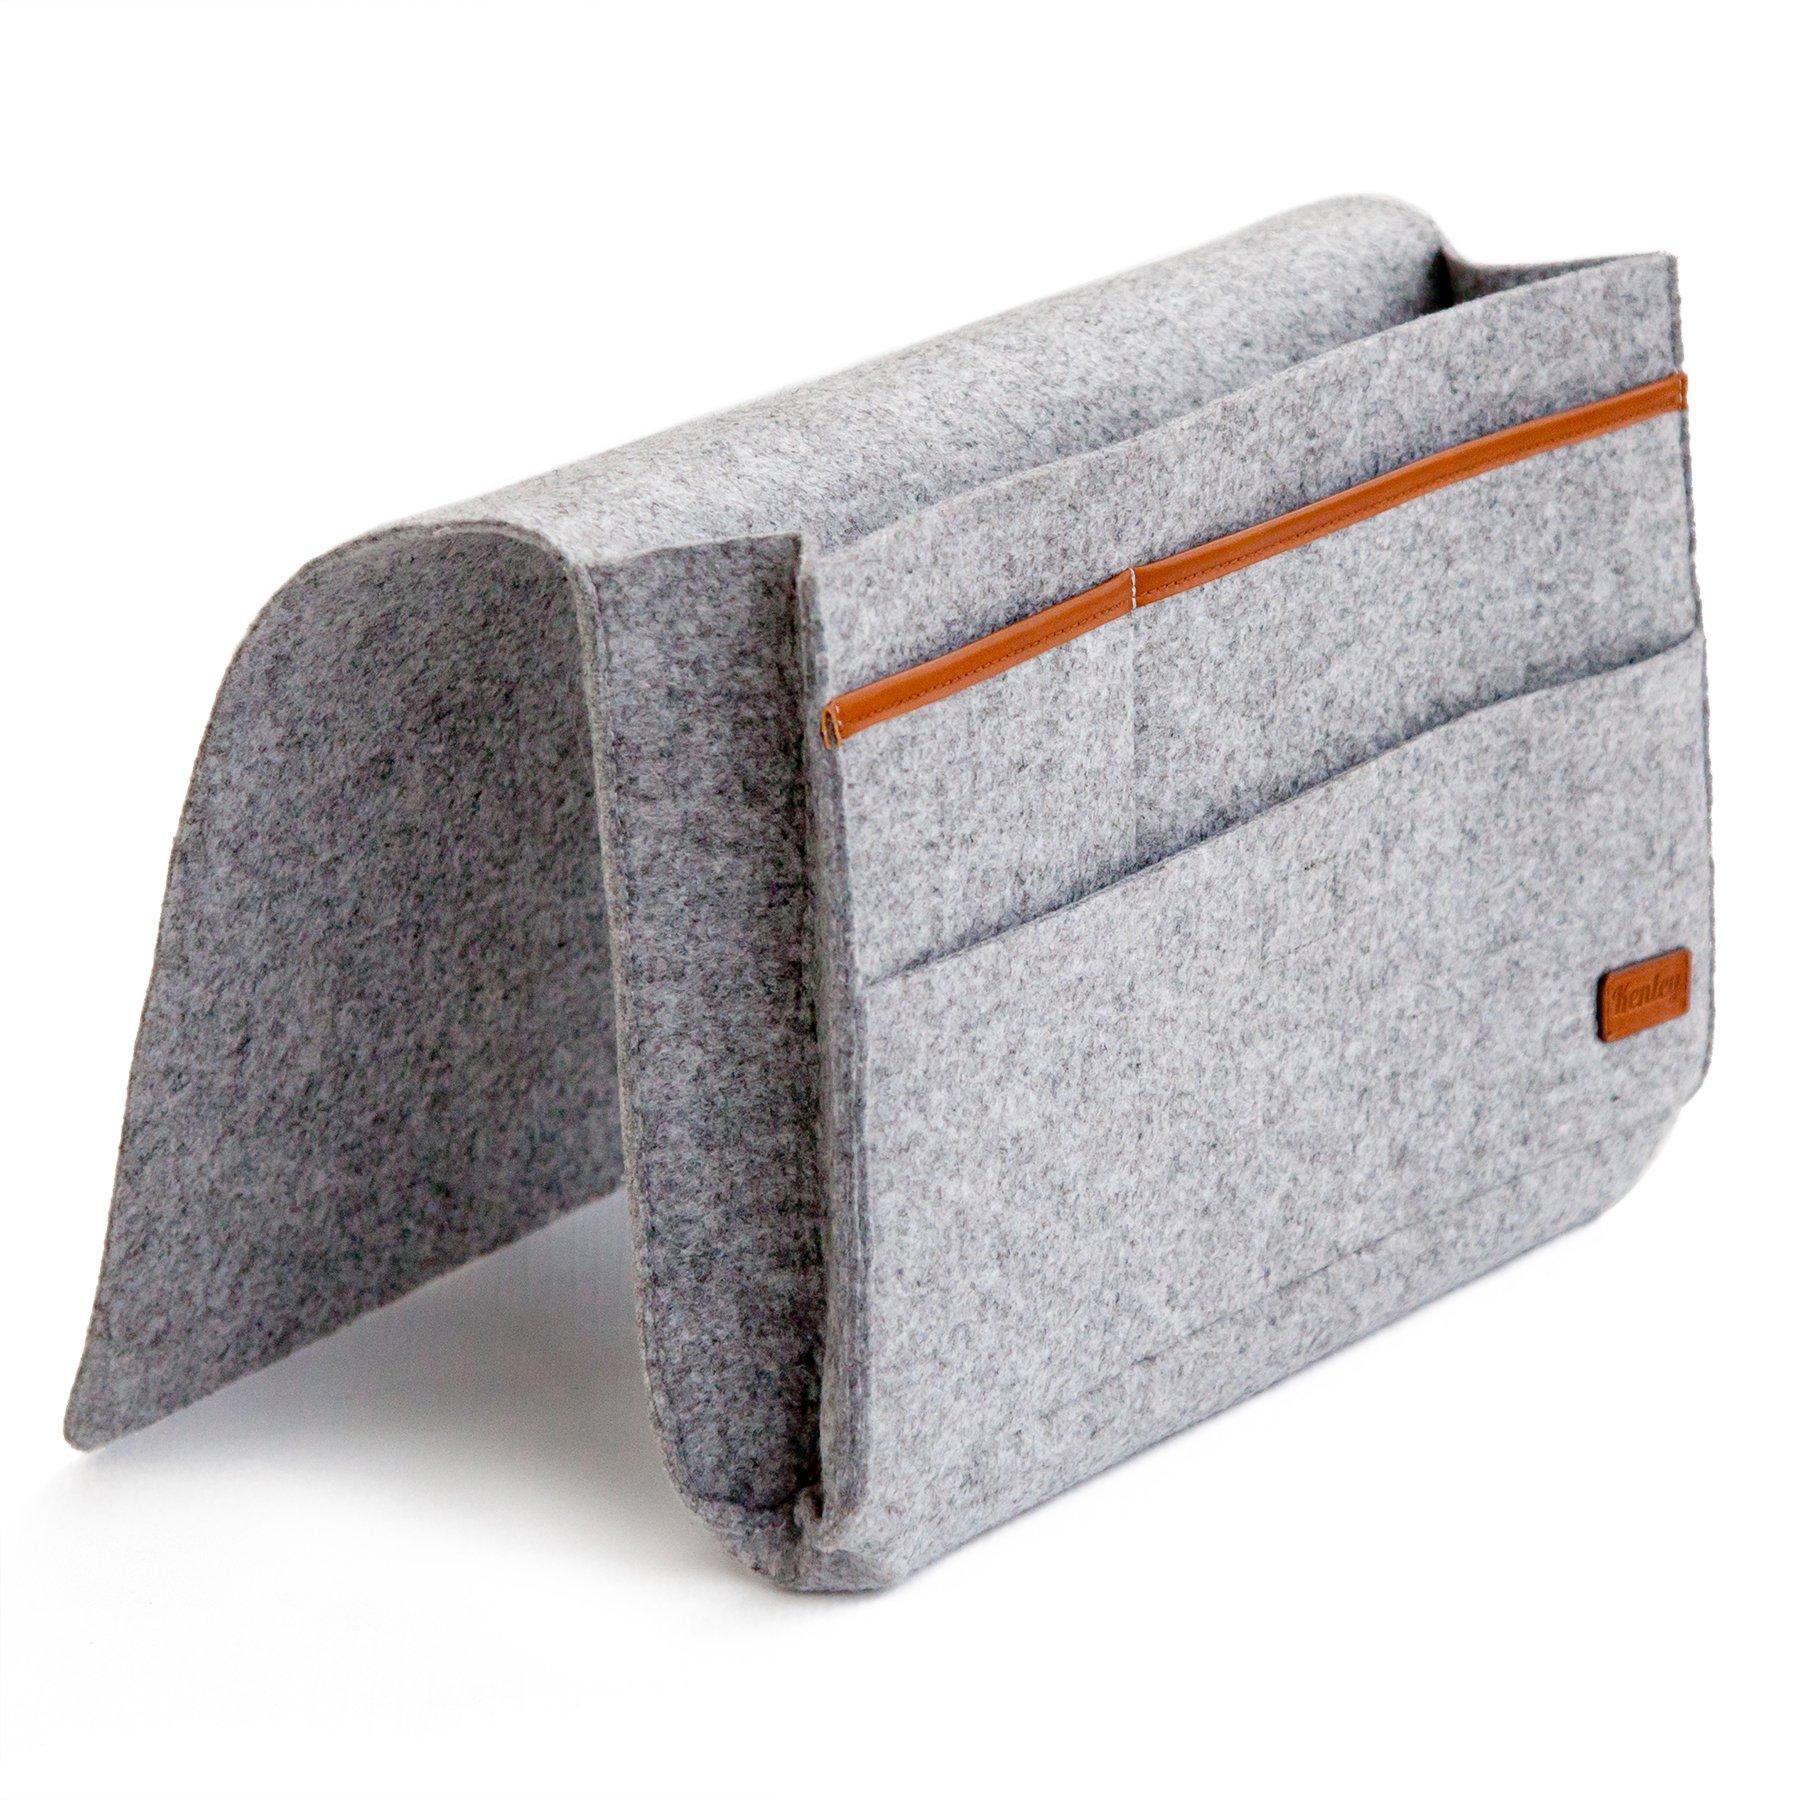 Kenley Bedside Caddy - Bed Skirt Storage Pocket Organizer for Bedroom, College Dorm Room, Bunk or Loft Beds, Sofa - Under Mattress Holder Bag 9''x12'' for Book, Laptop, Tablet, Remotes - Felt & Leather by Kenley